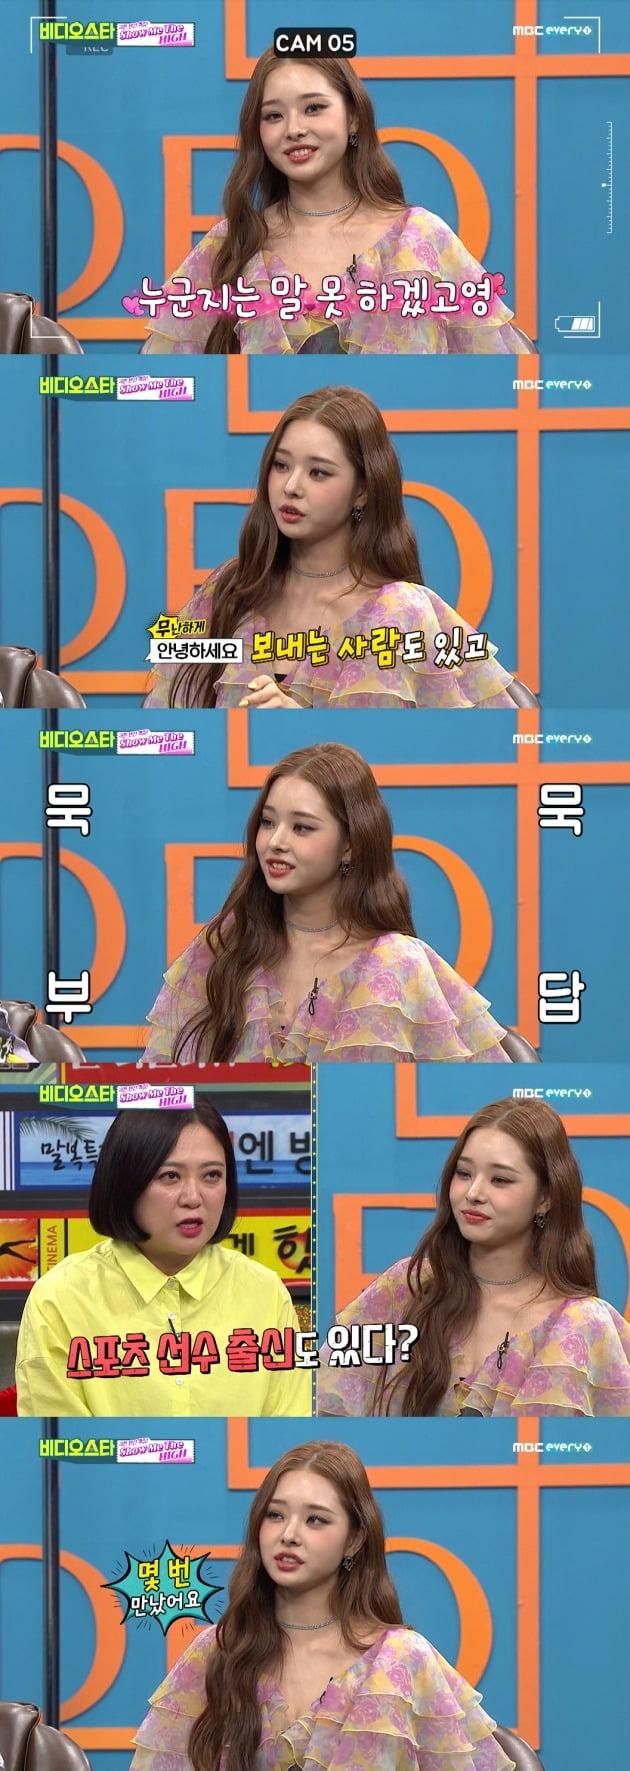 인플루언서 송지아가 연예인 3명에게 대시 받았다고 밝혔다. / 사진=MBC에브리원 방송 캡처